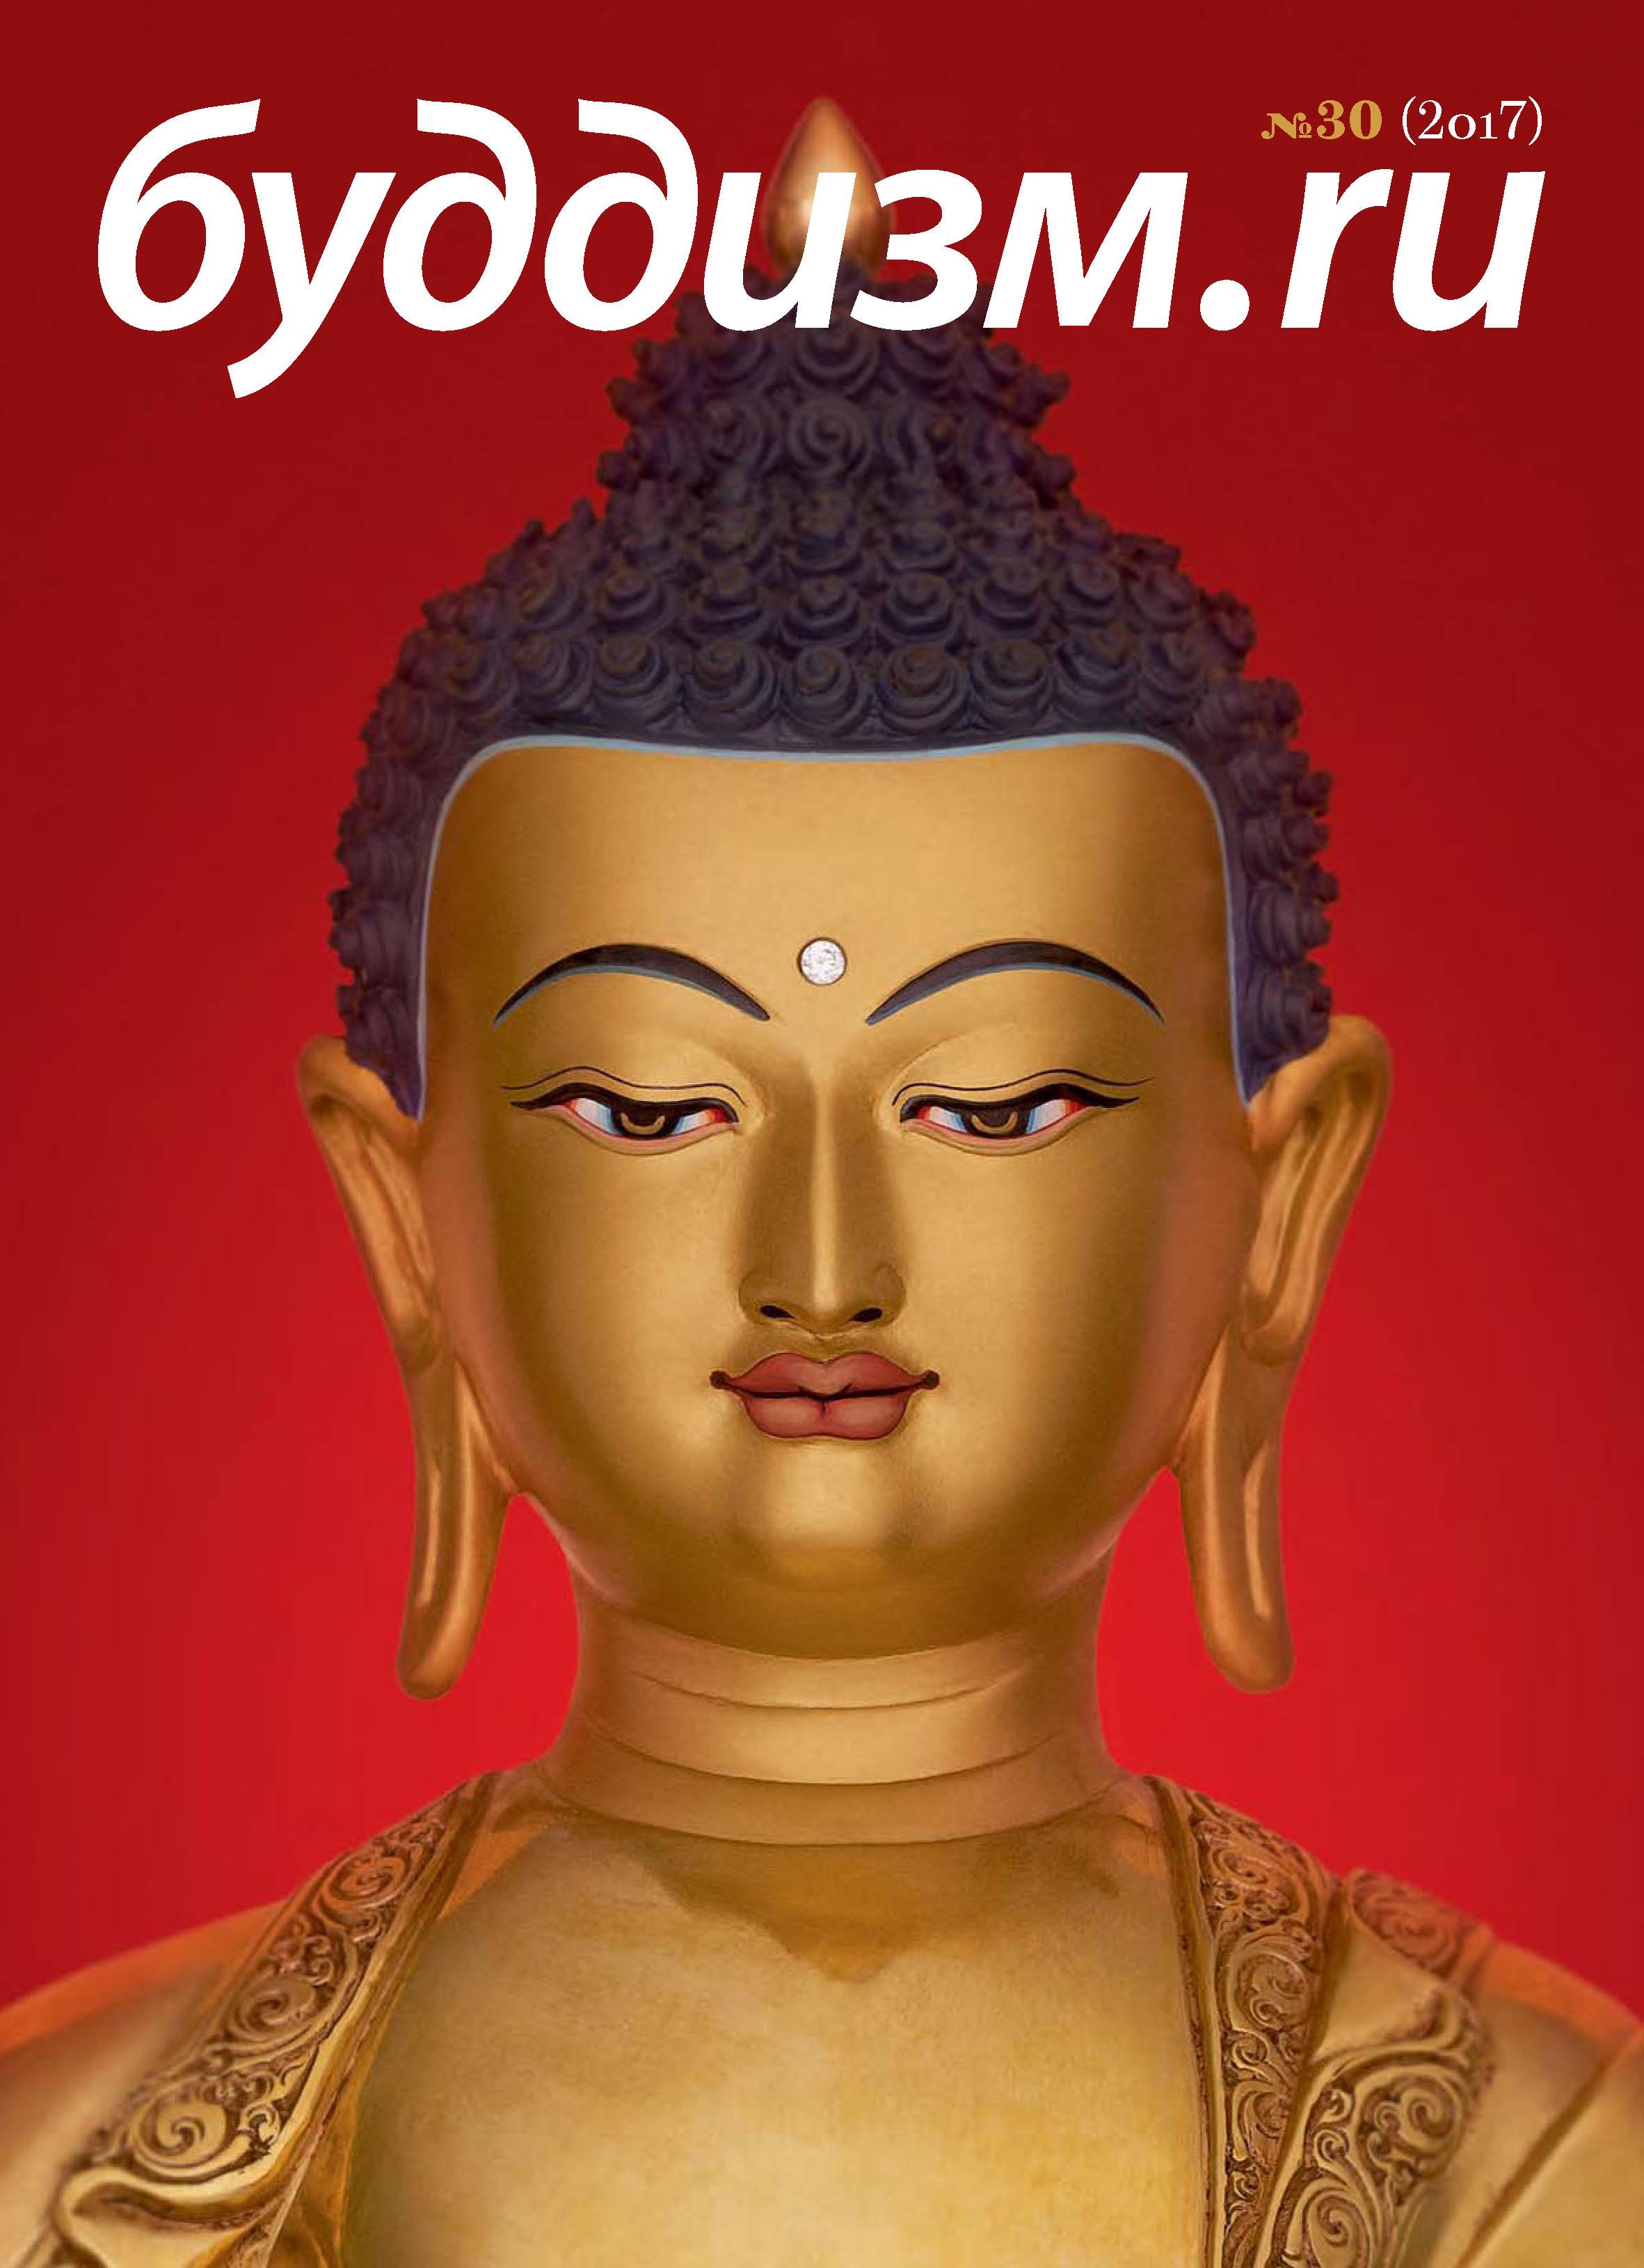 Буддизм.ru №30 (2017)